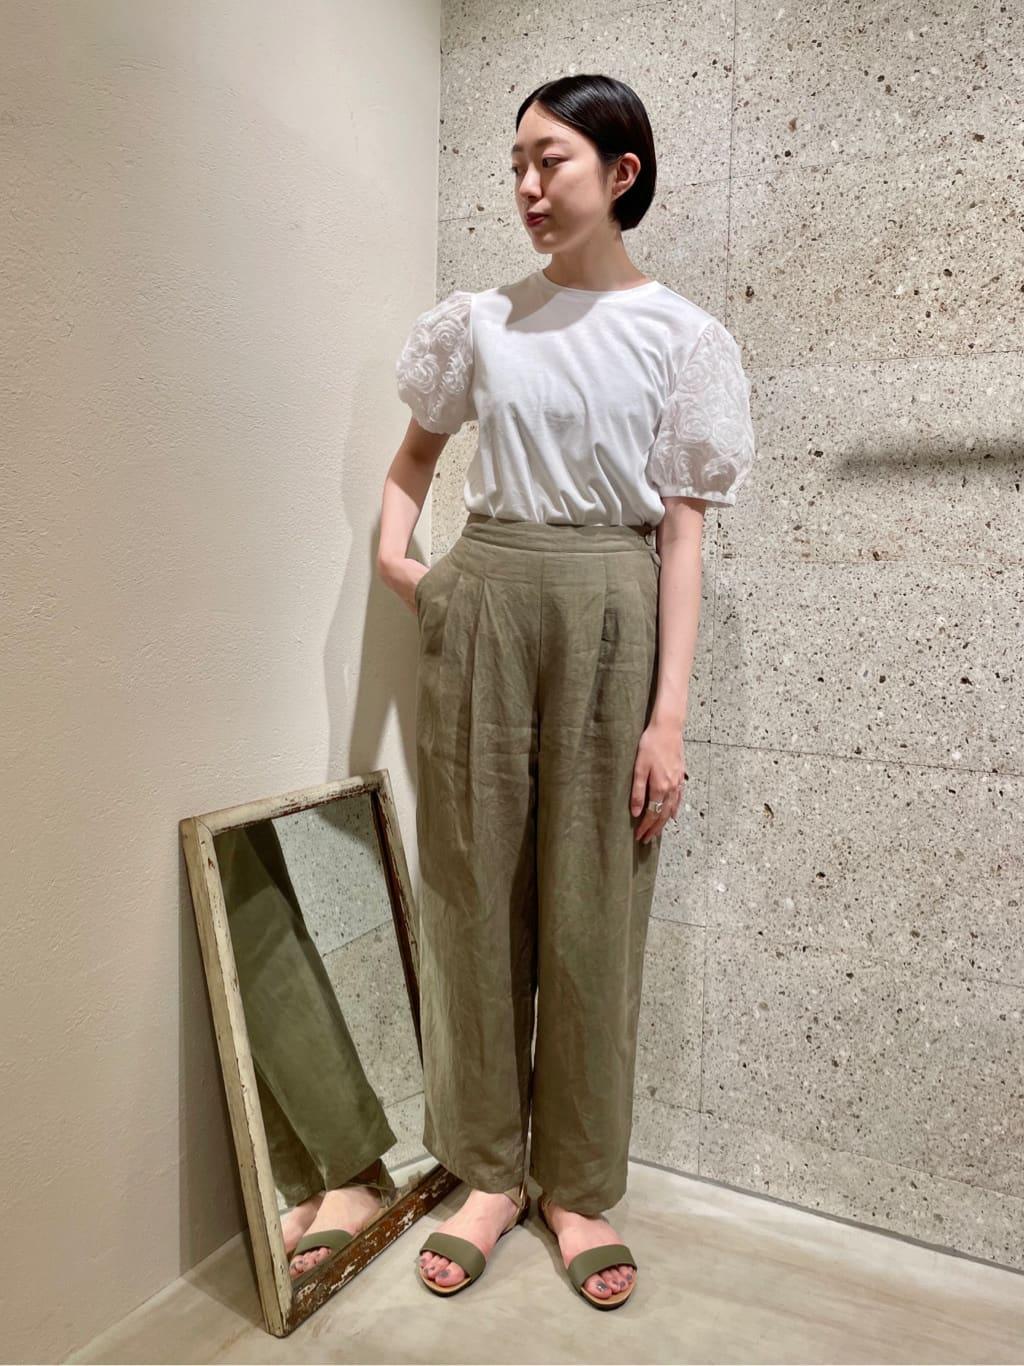 yuni ニュウマン横浜 身長:166cm 2021.07.14